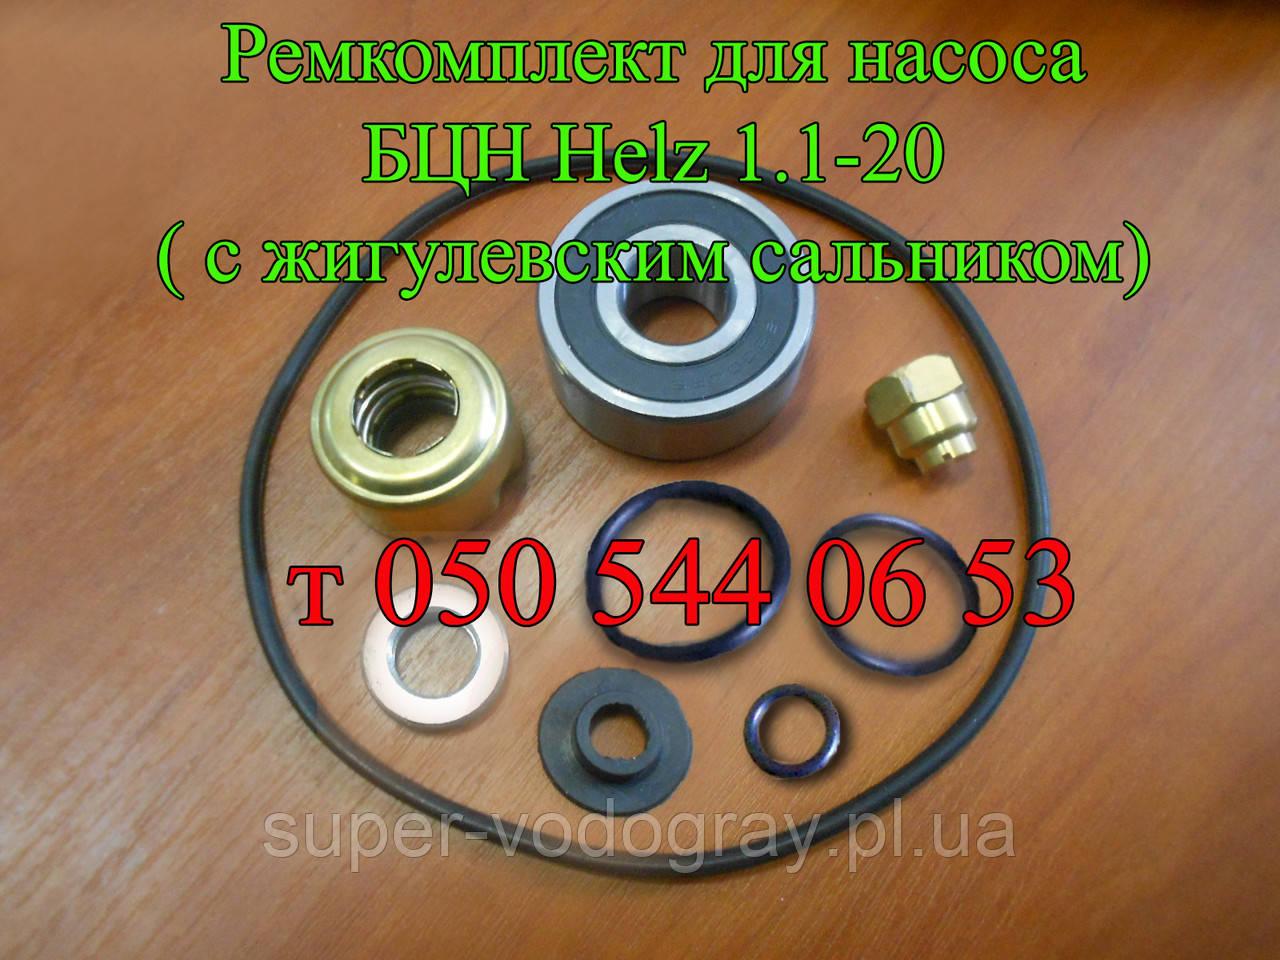 Ремкомплект для насоса БЦН Helz 1.1-20 (с жигулевским сальником)